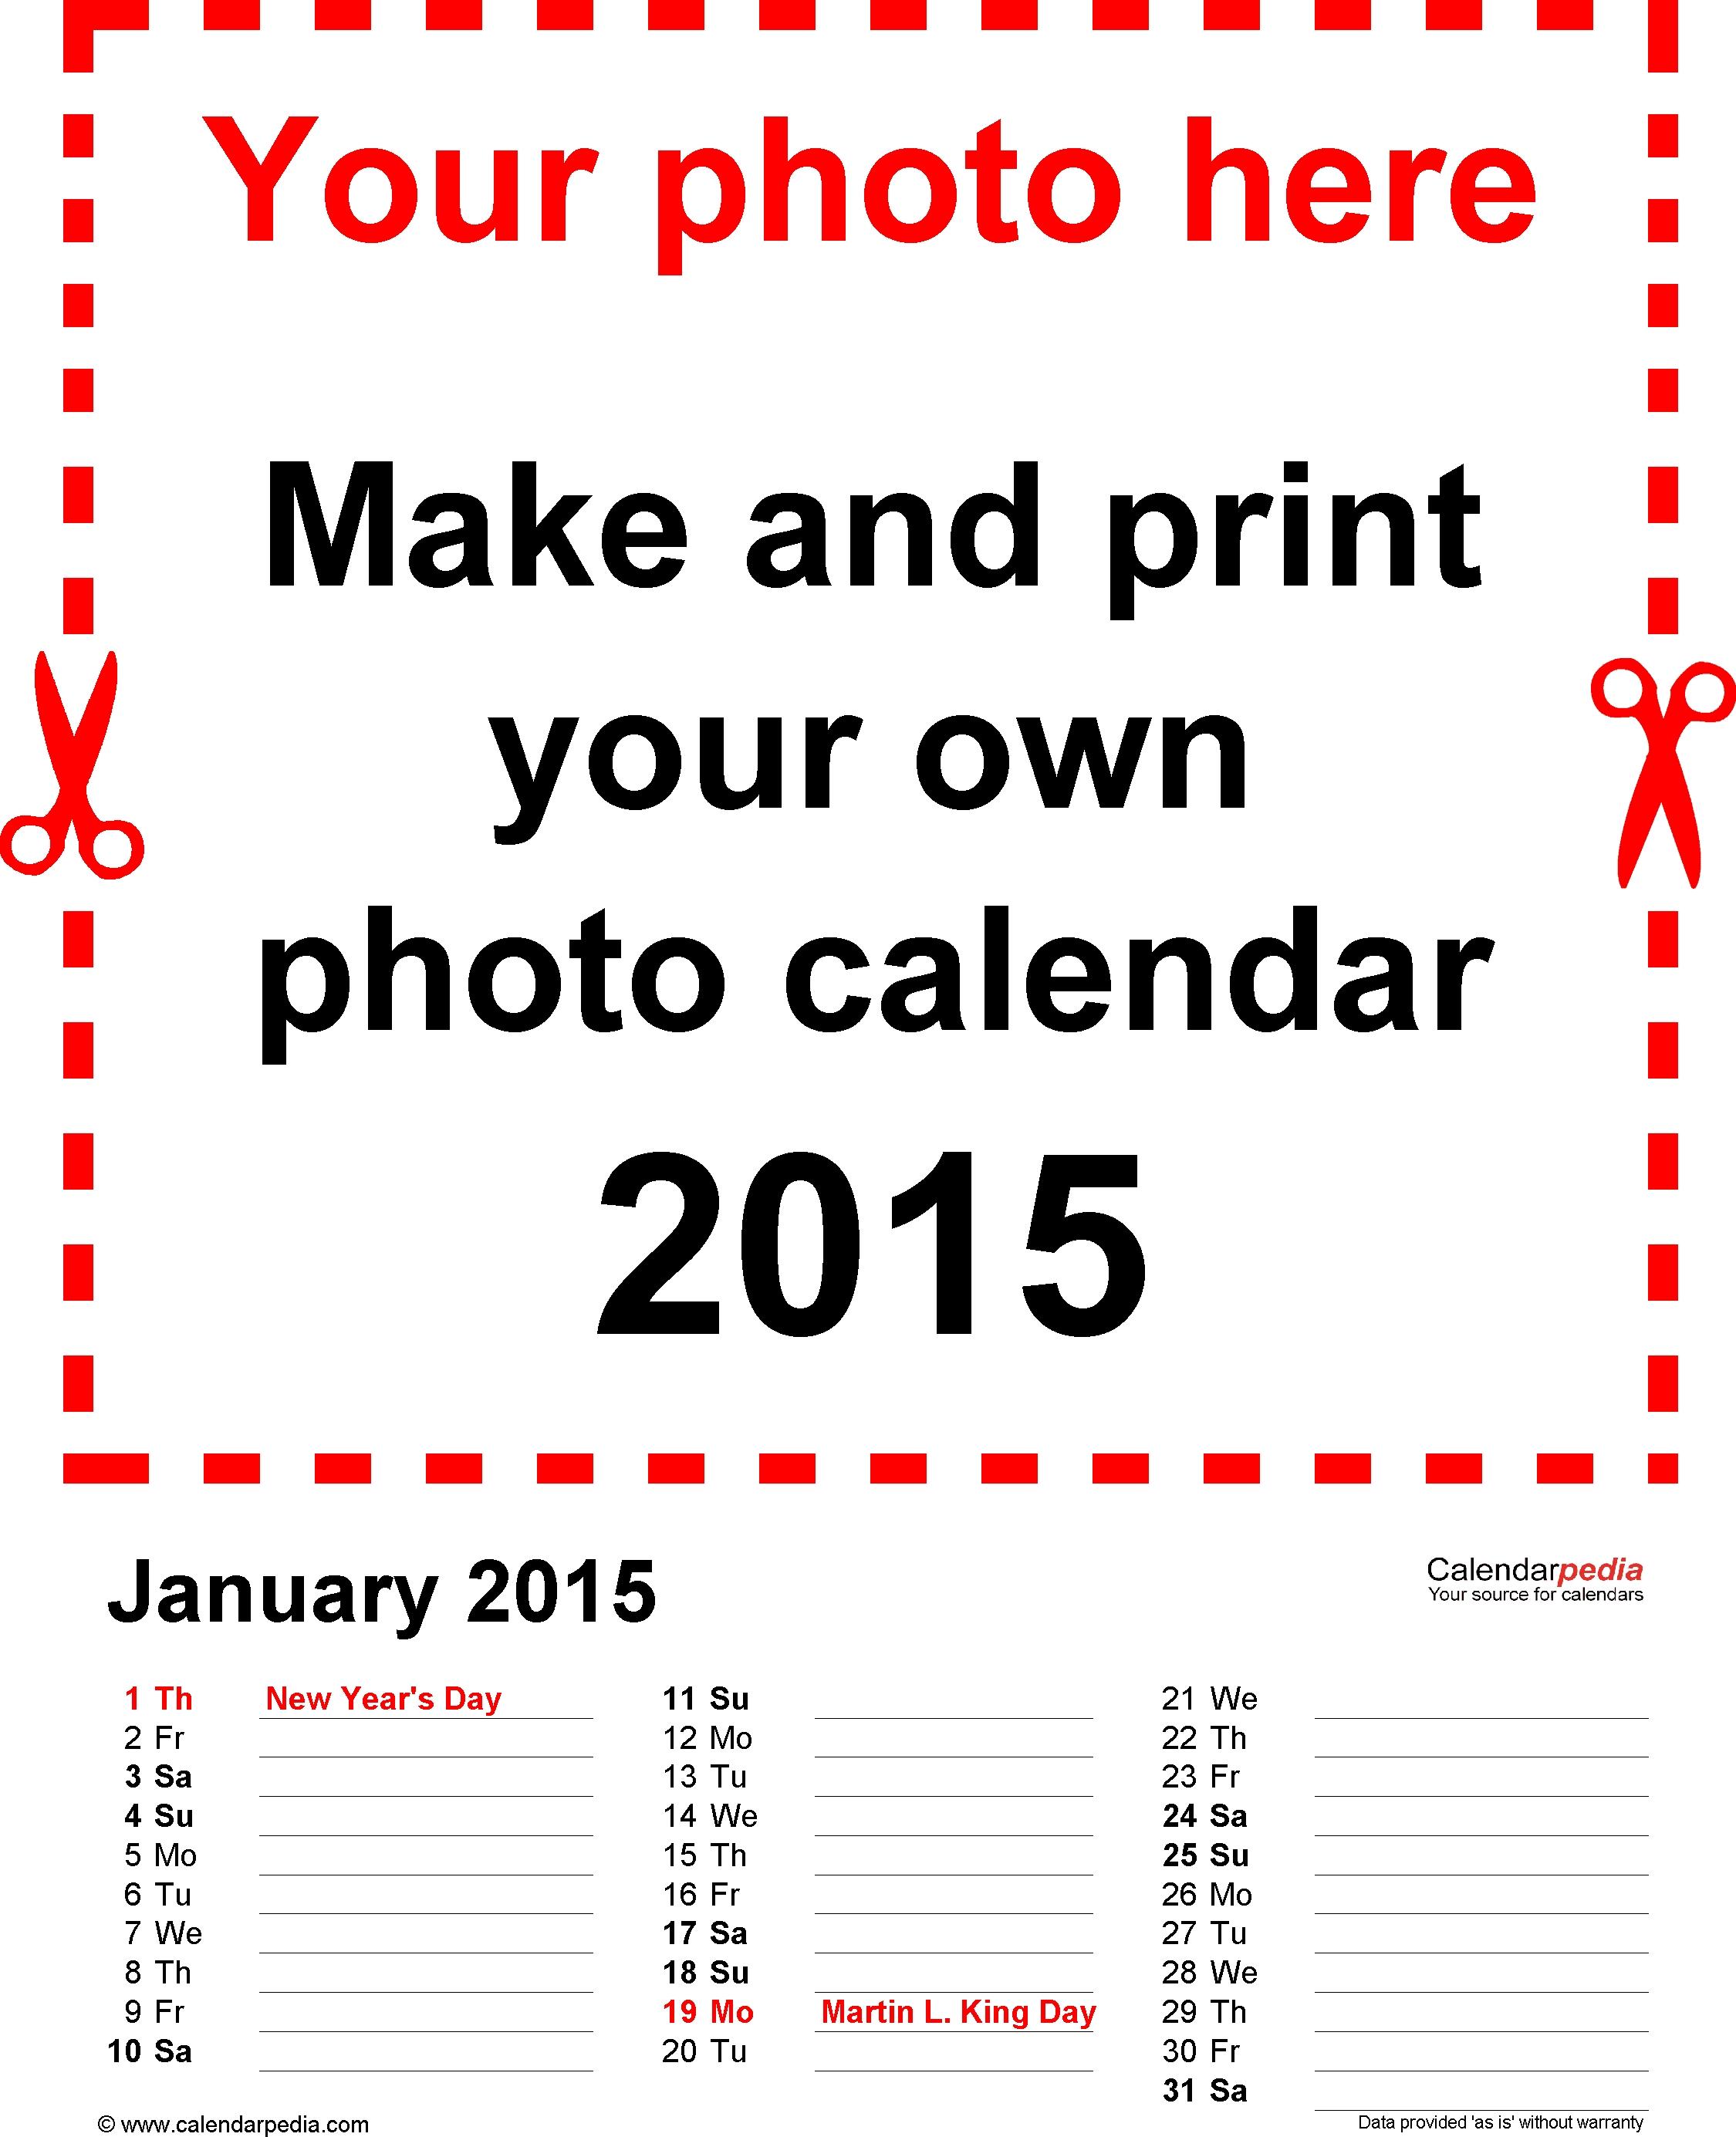 Template 3: Photo Calendar 2015 For Pdf, 12 Pages, Portrait